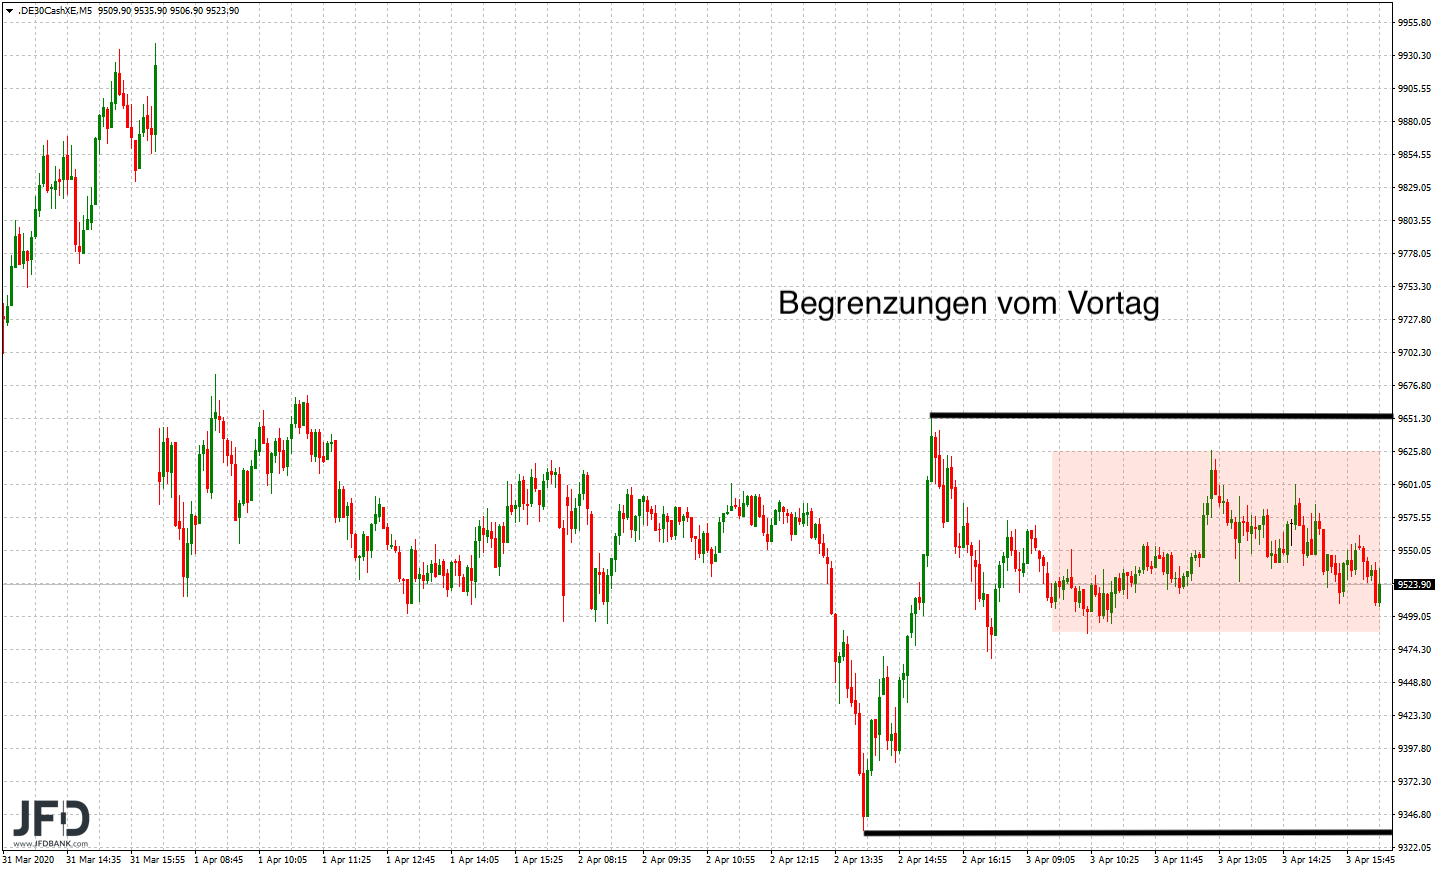 Positiver-Wochenstart-verlässt-unser-DAX-die-Range-der-Vorwoche-Kommentar-JFD-Bank-GodmodeTrader.de-3